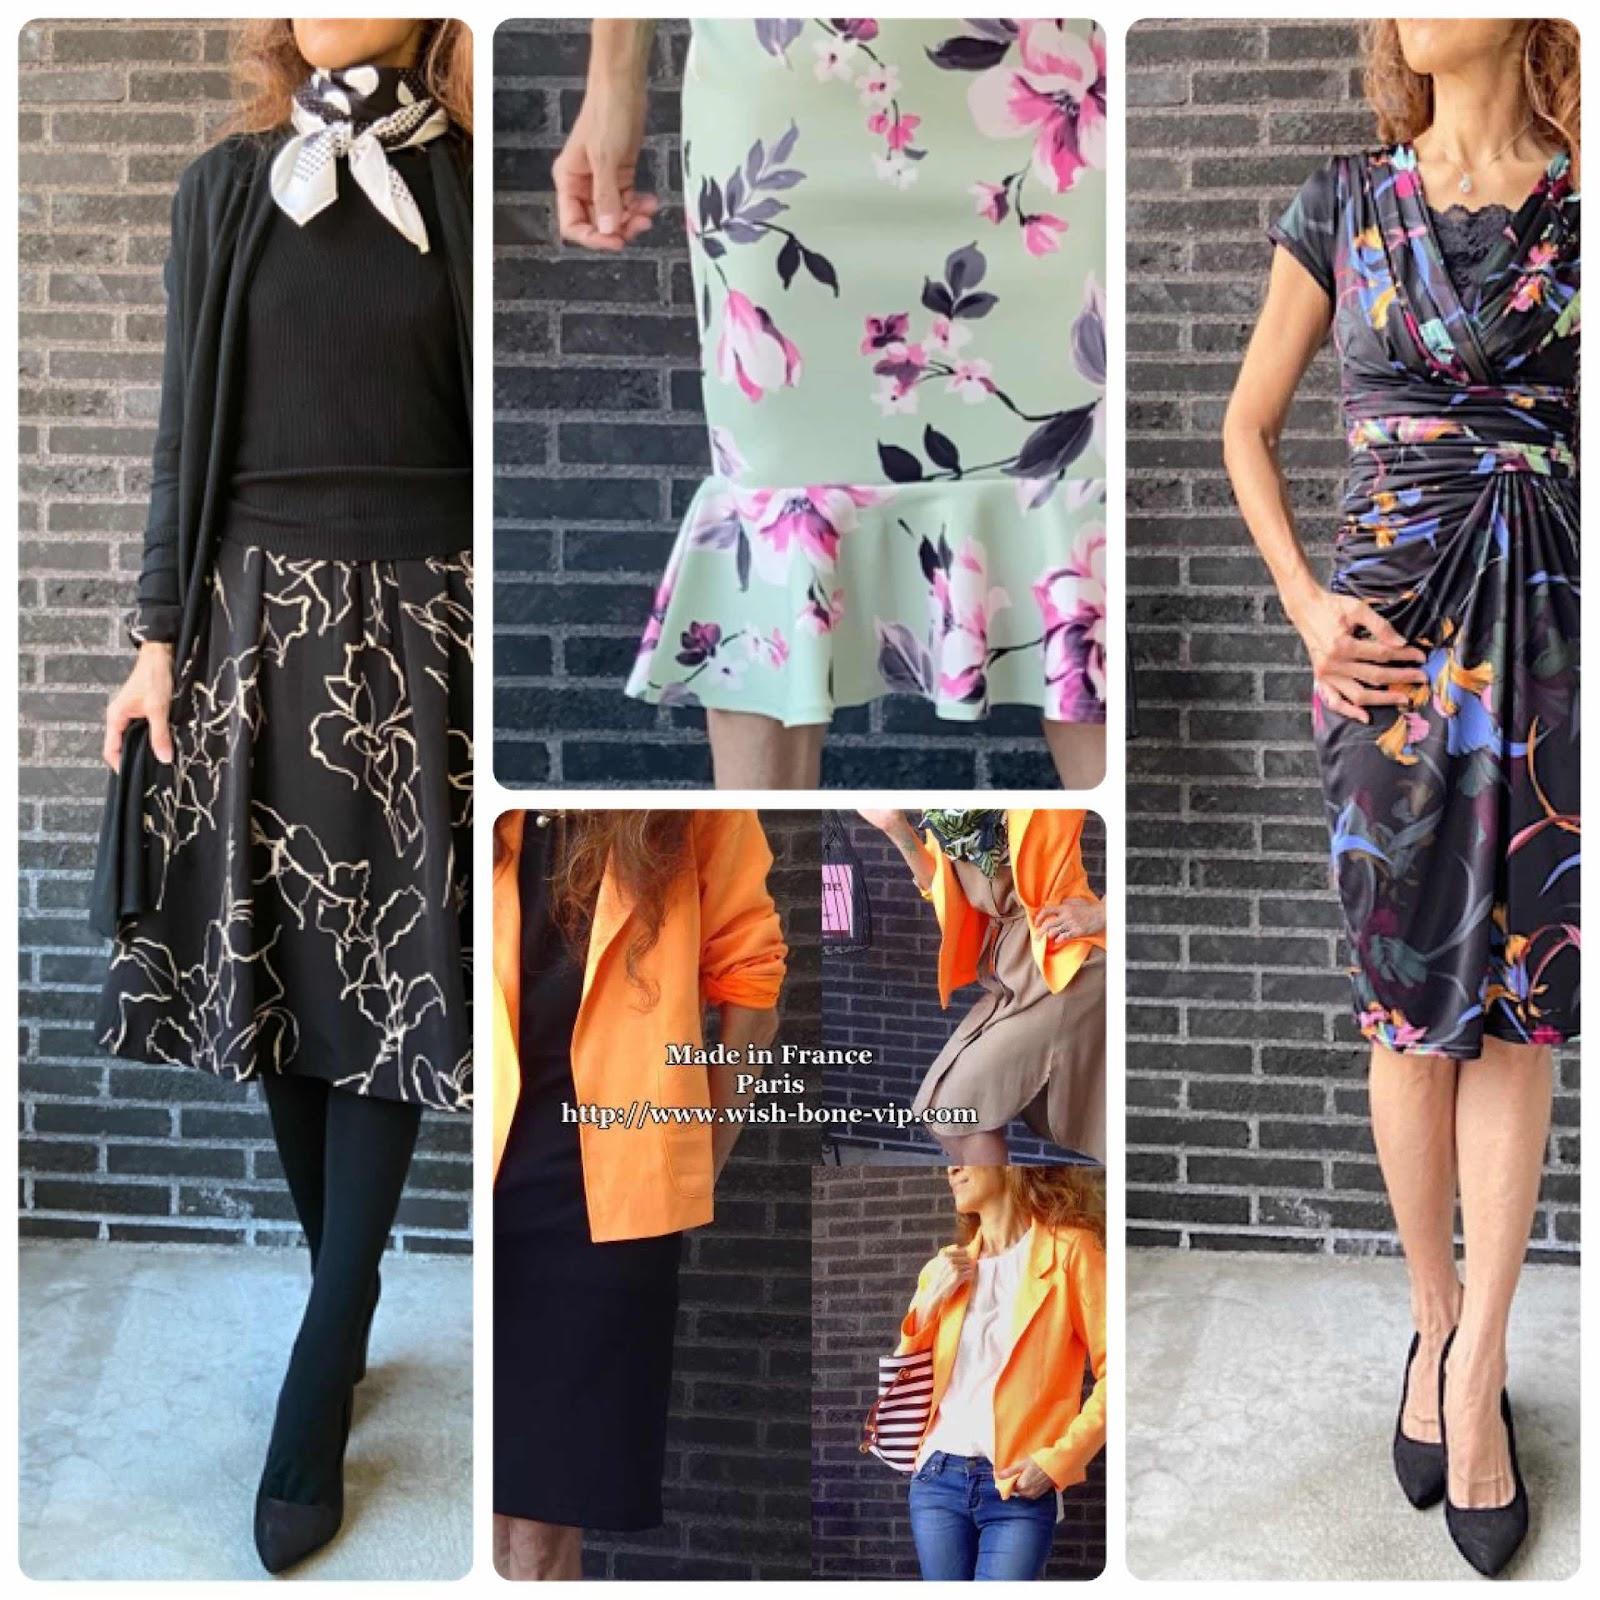 インポートファッションのコーデや大人が楽しくオシャレ出来るワンピースをご紹介